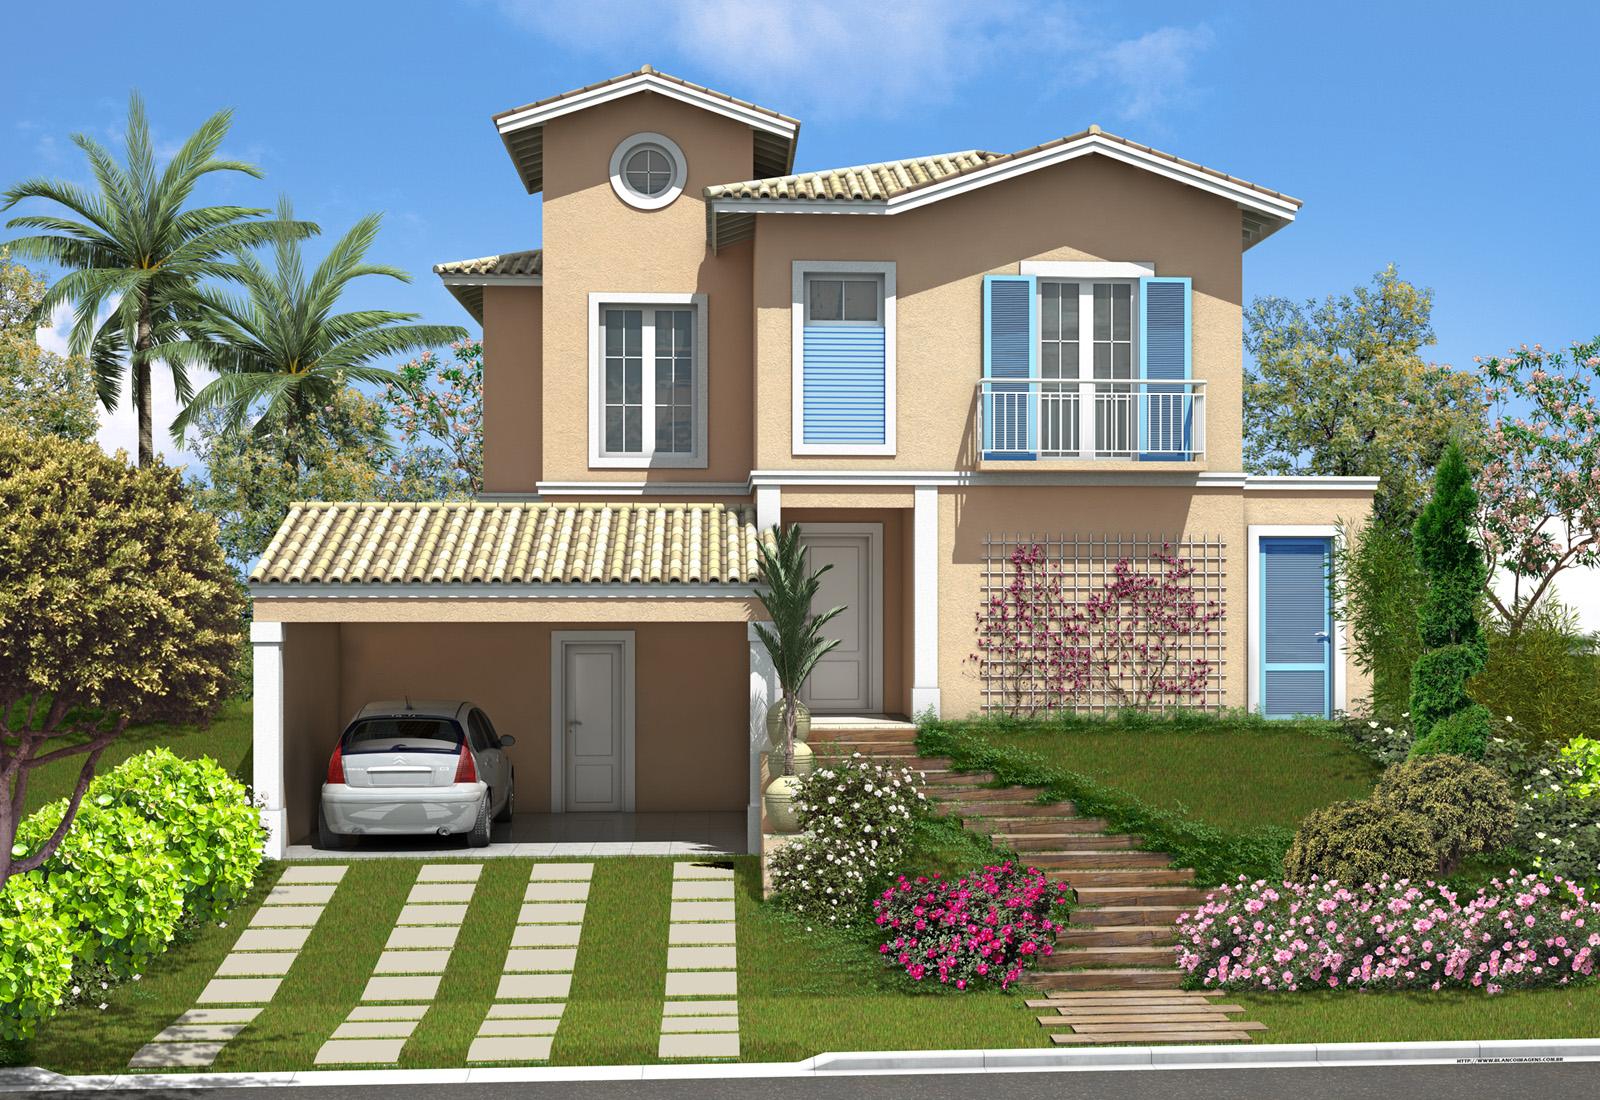 Feng shui terapia para a casa 5 elementos senhoras for Modelo de fachadas para casas modernas